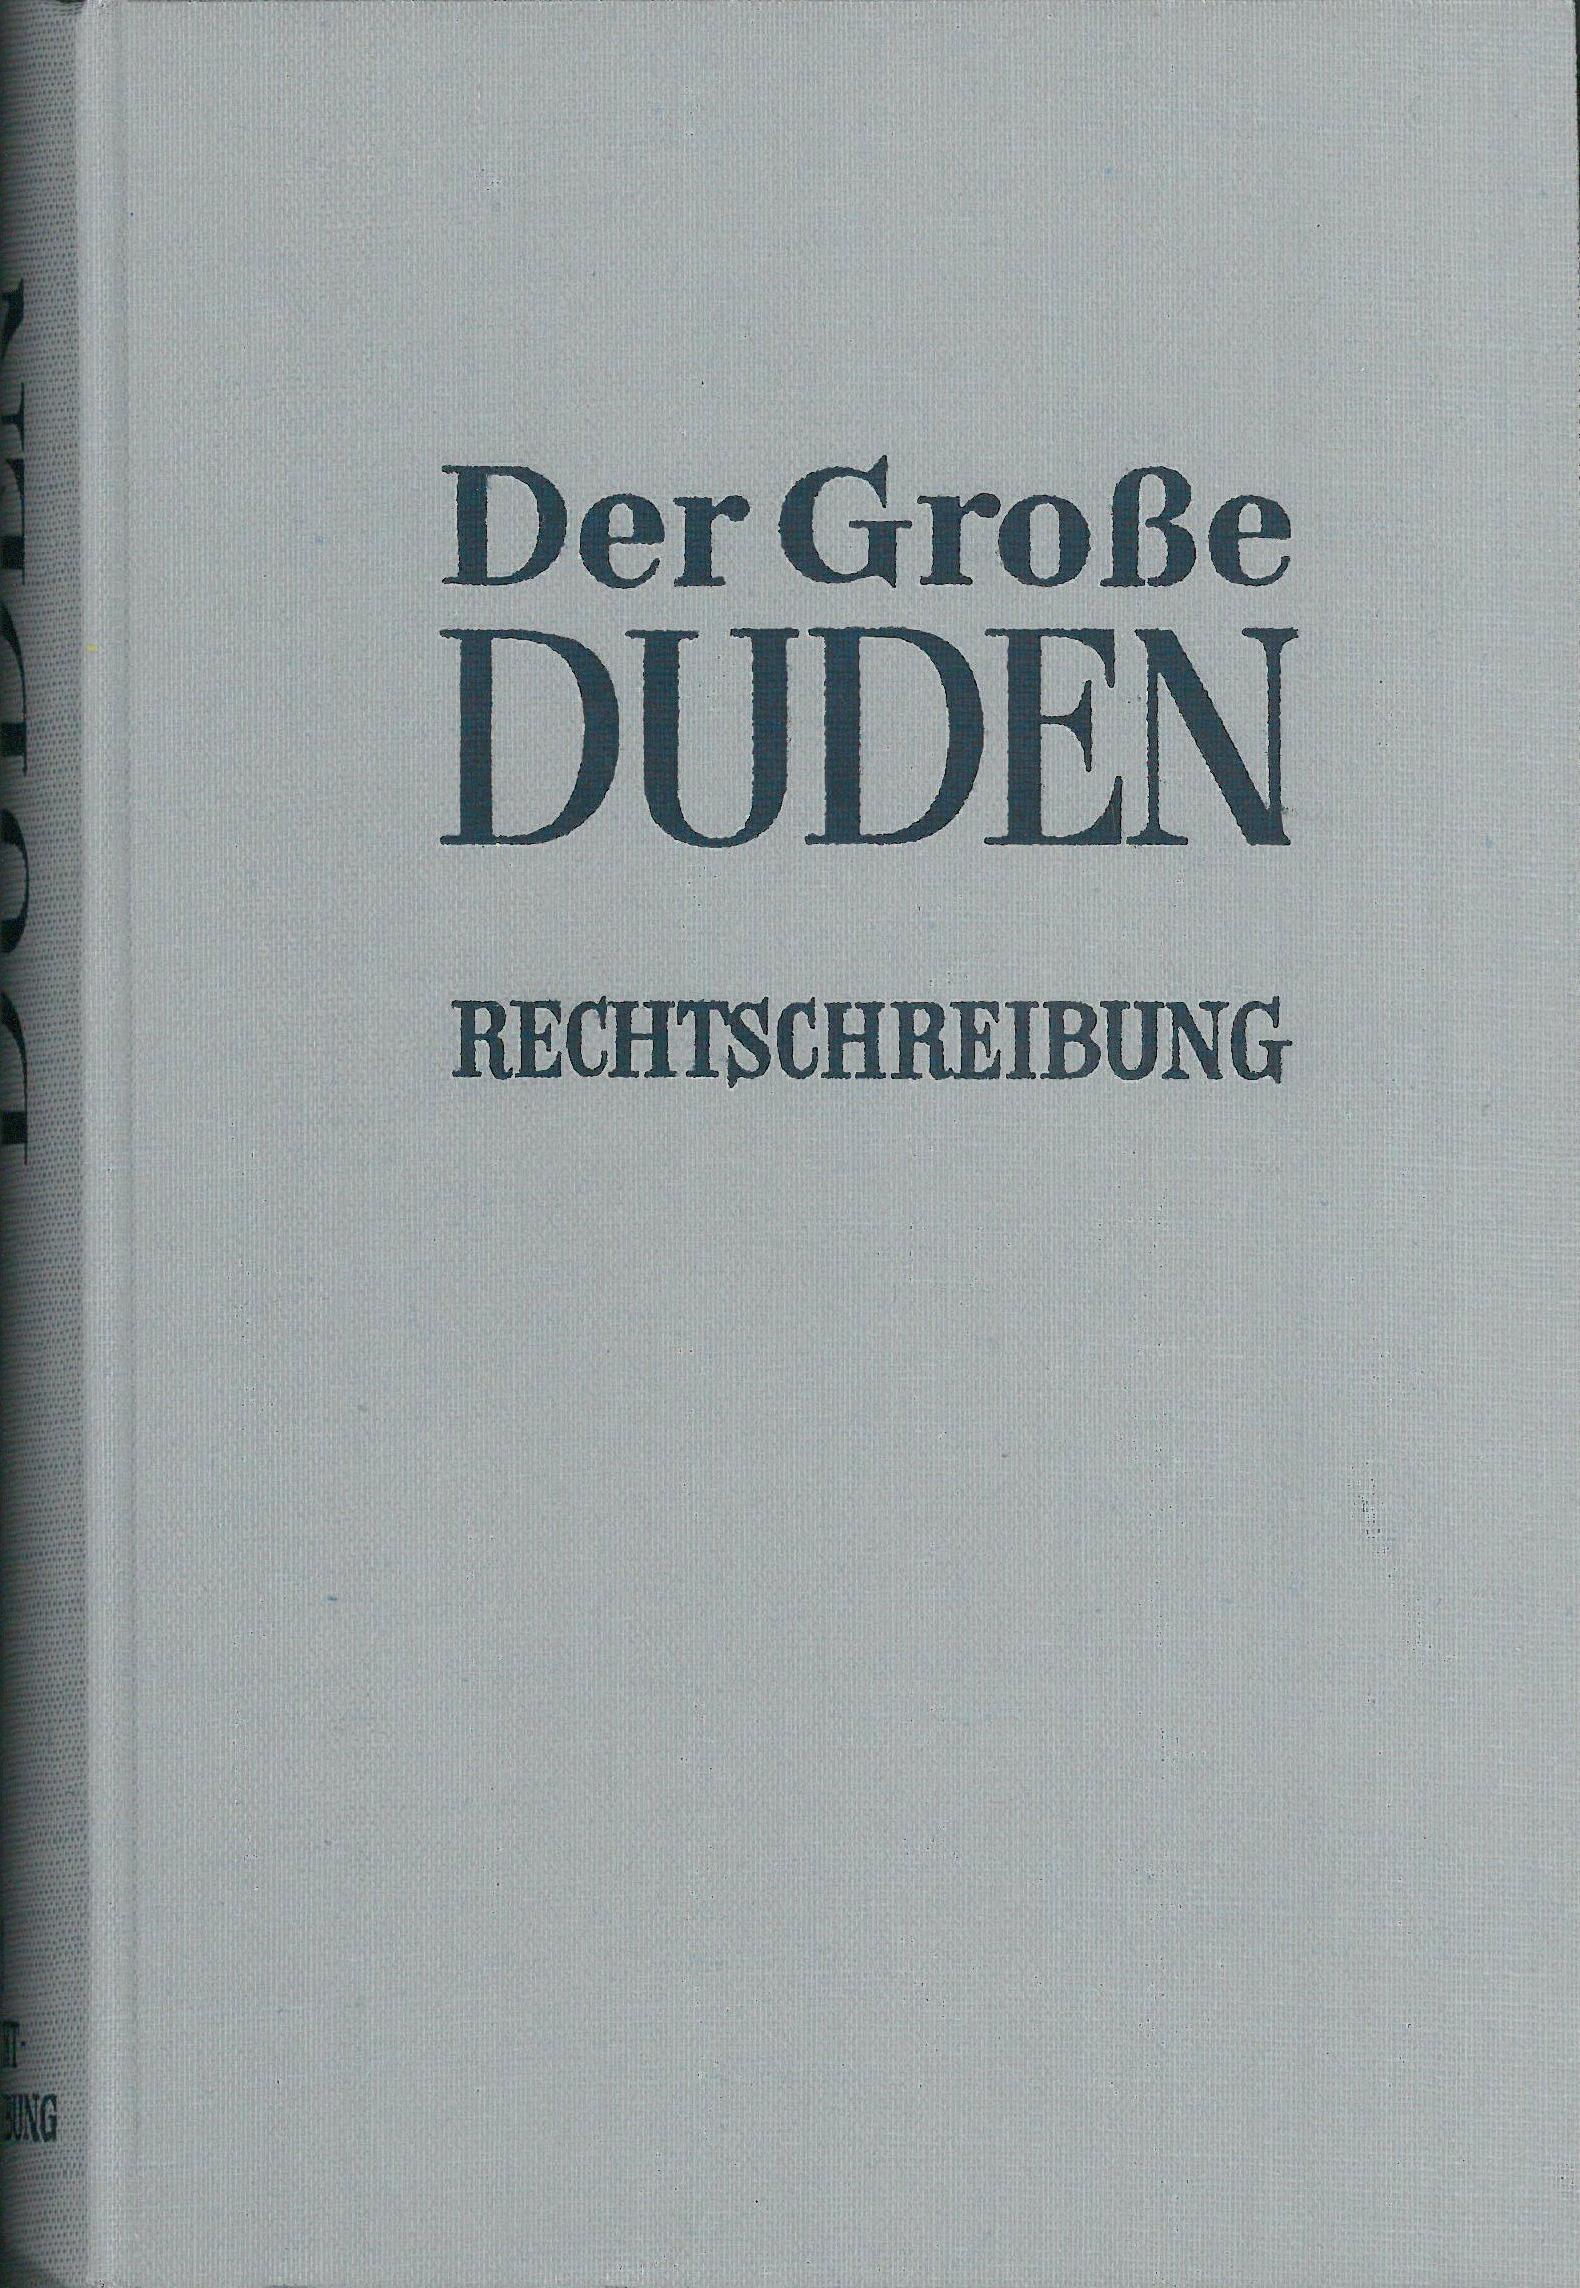 Buchcover Duden von 1961 BRD